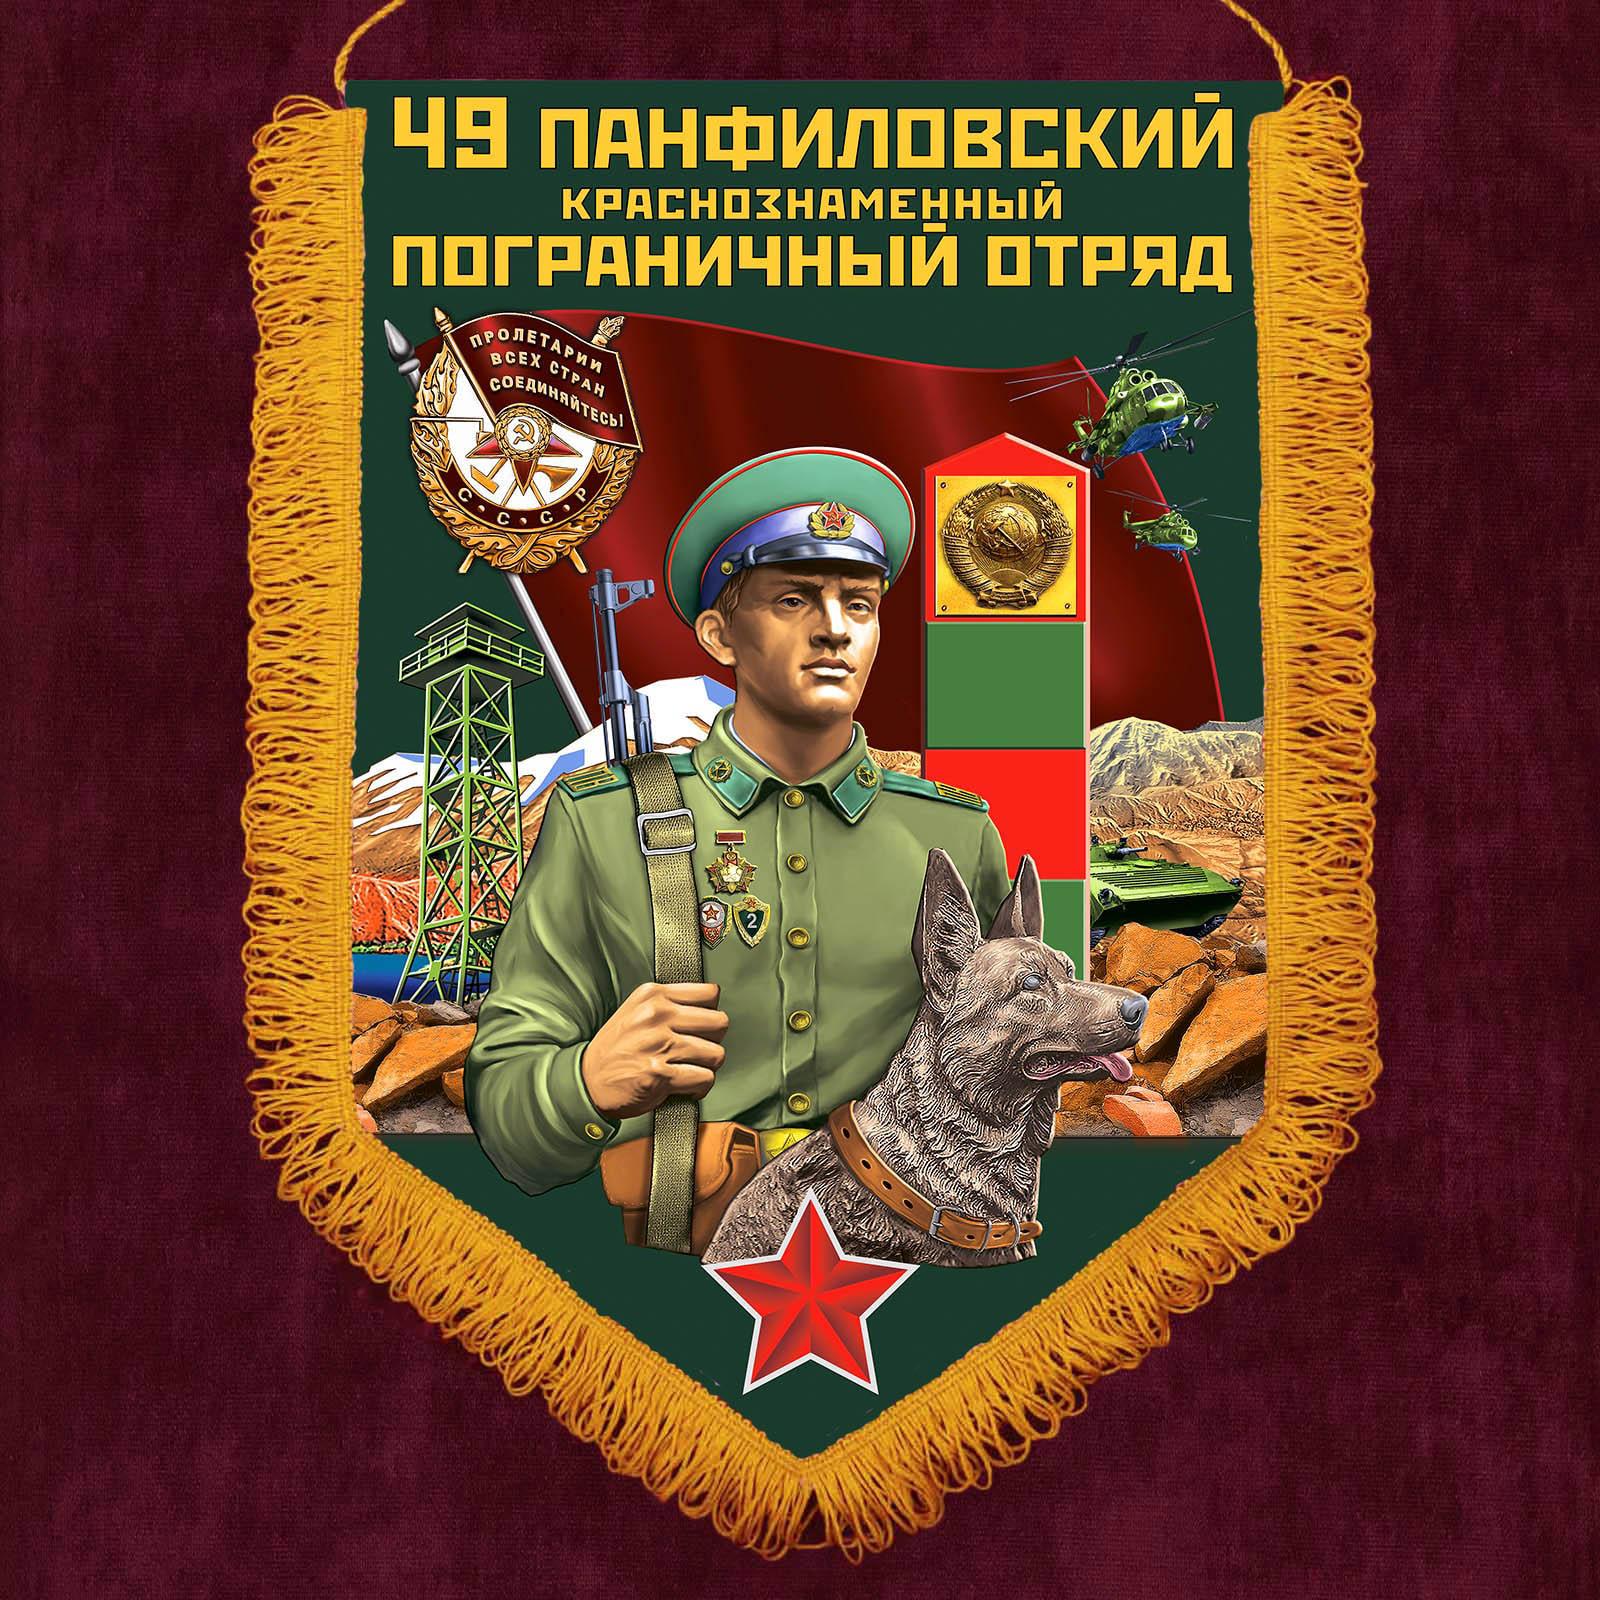 """Памятный вымпел """"Панфиловский пограничный отряд"""""""